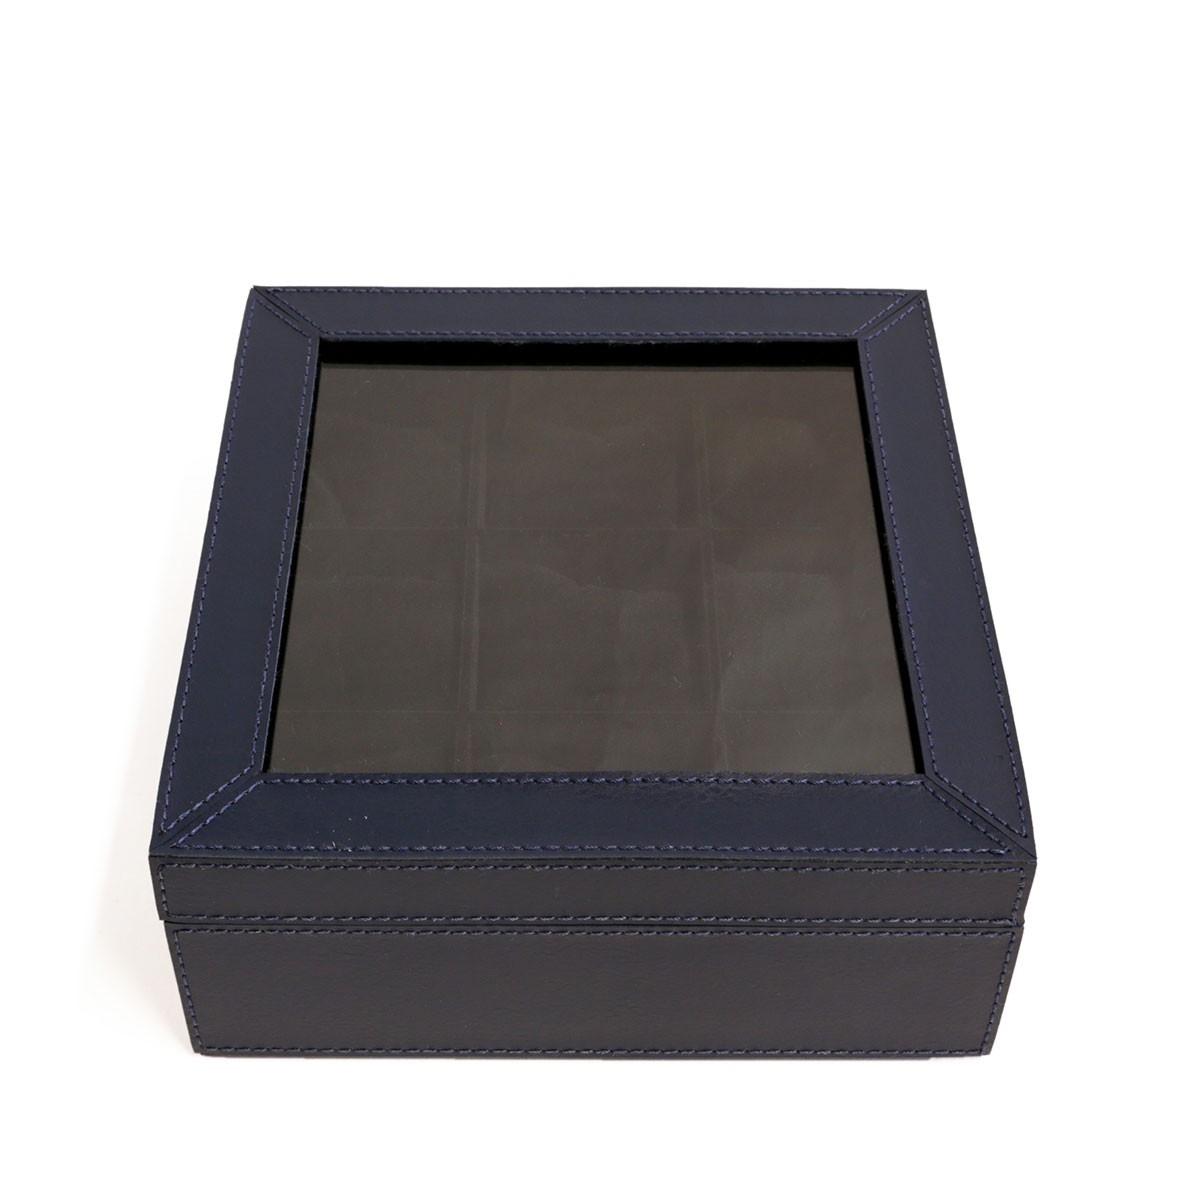 Caixa porta relógios (Montana Azul Marinho)